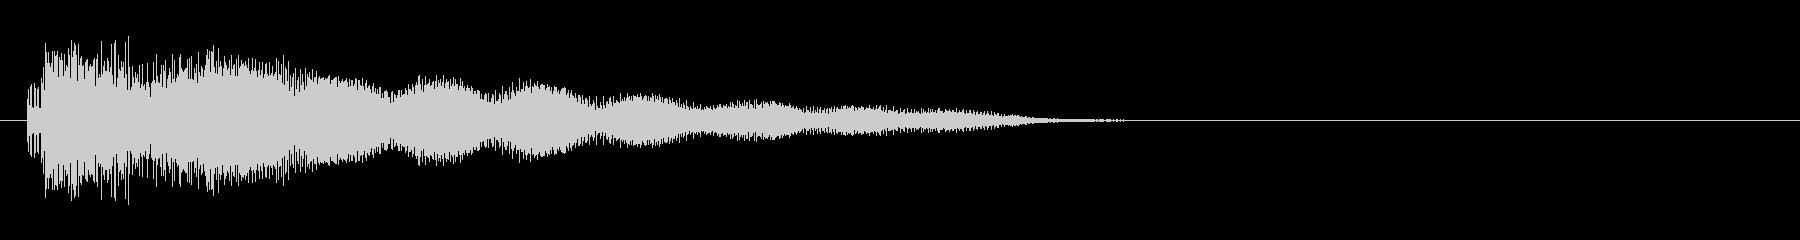 中華4 ノーマルカード入手 正解の未再生の波形